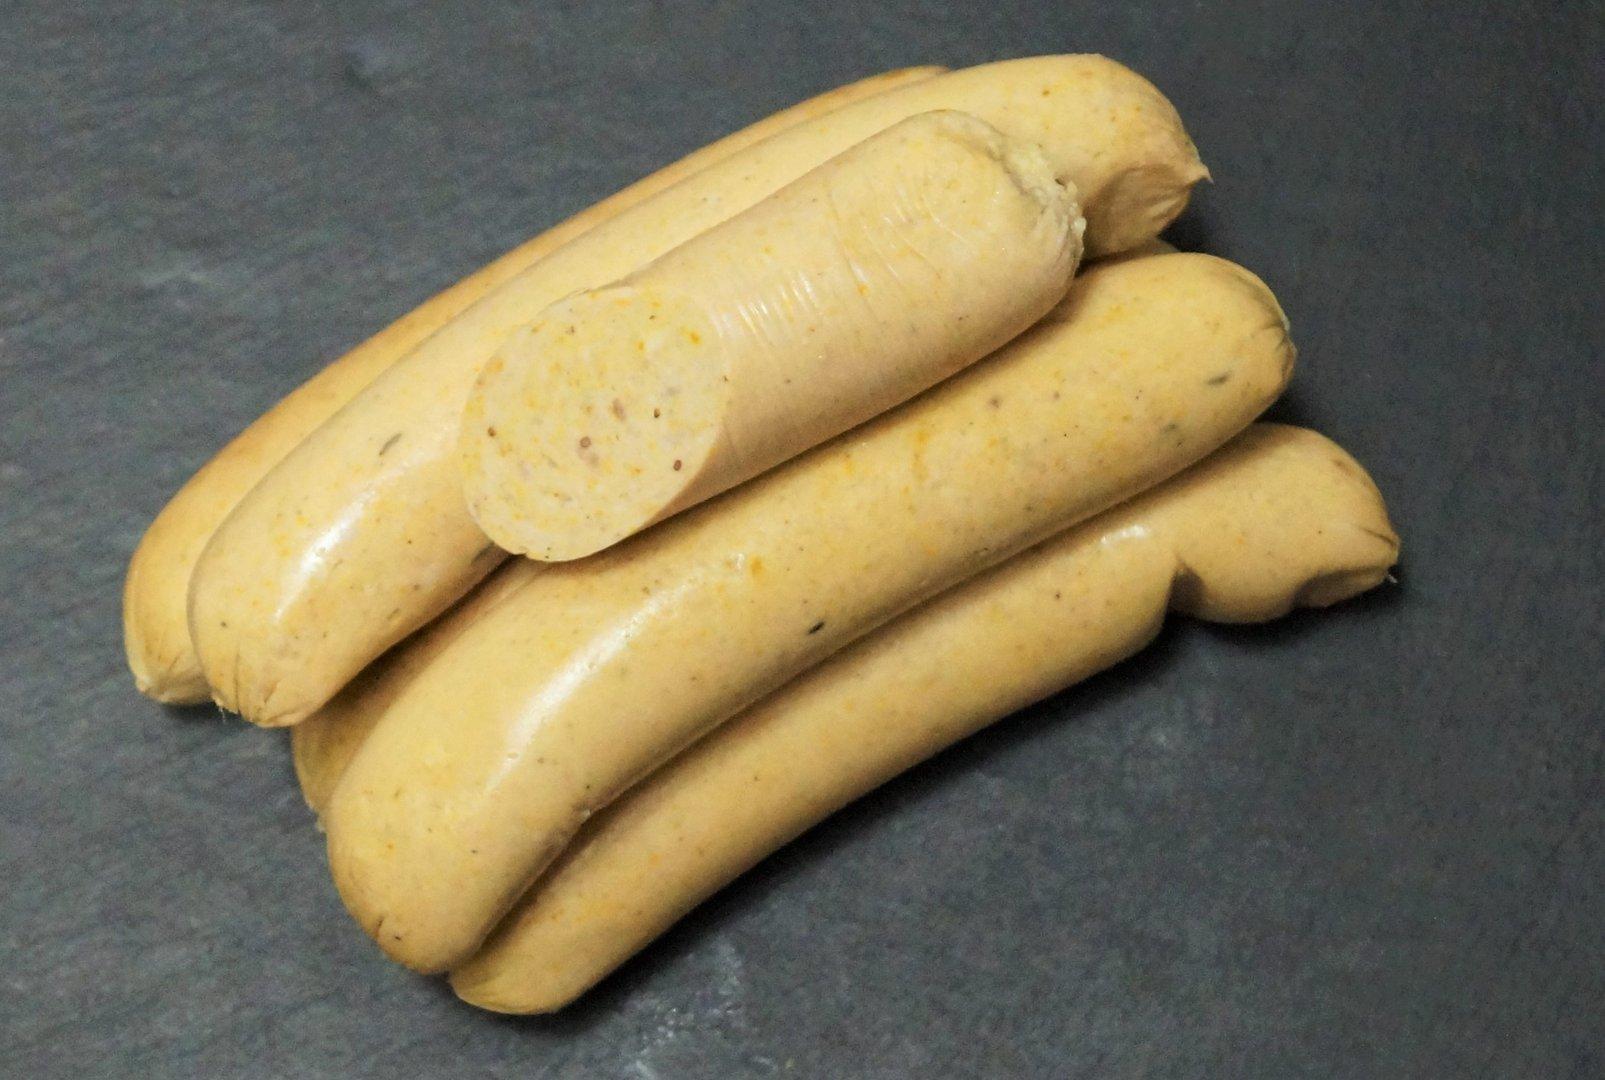 currywurst in eigenhaut 5 st ck online kaufen. Black Bedroom Furniture Sets. Home Design Ideas